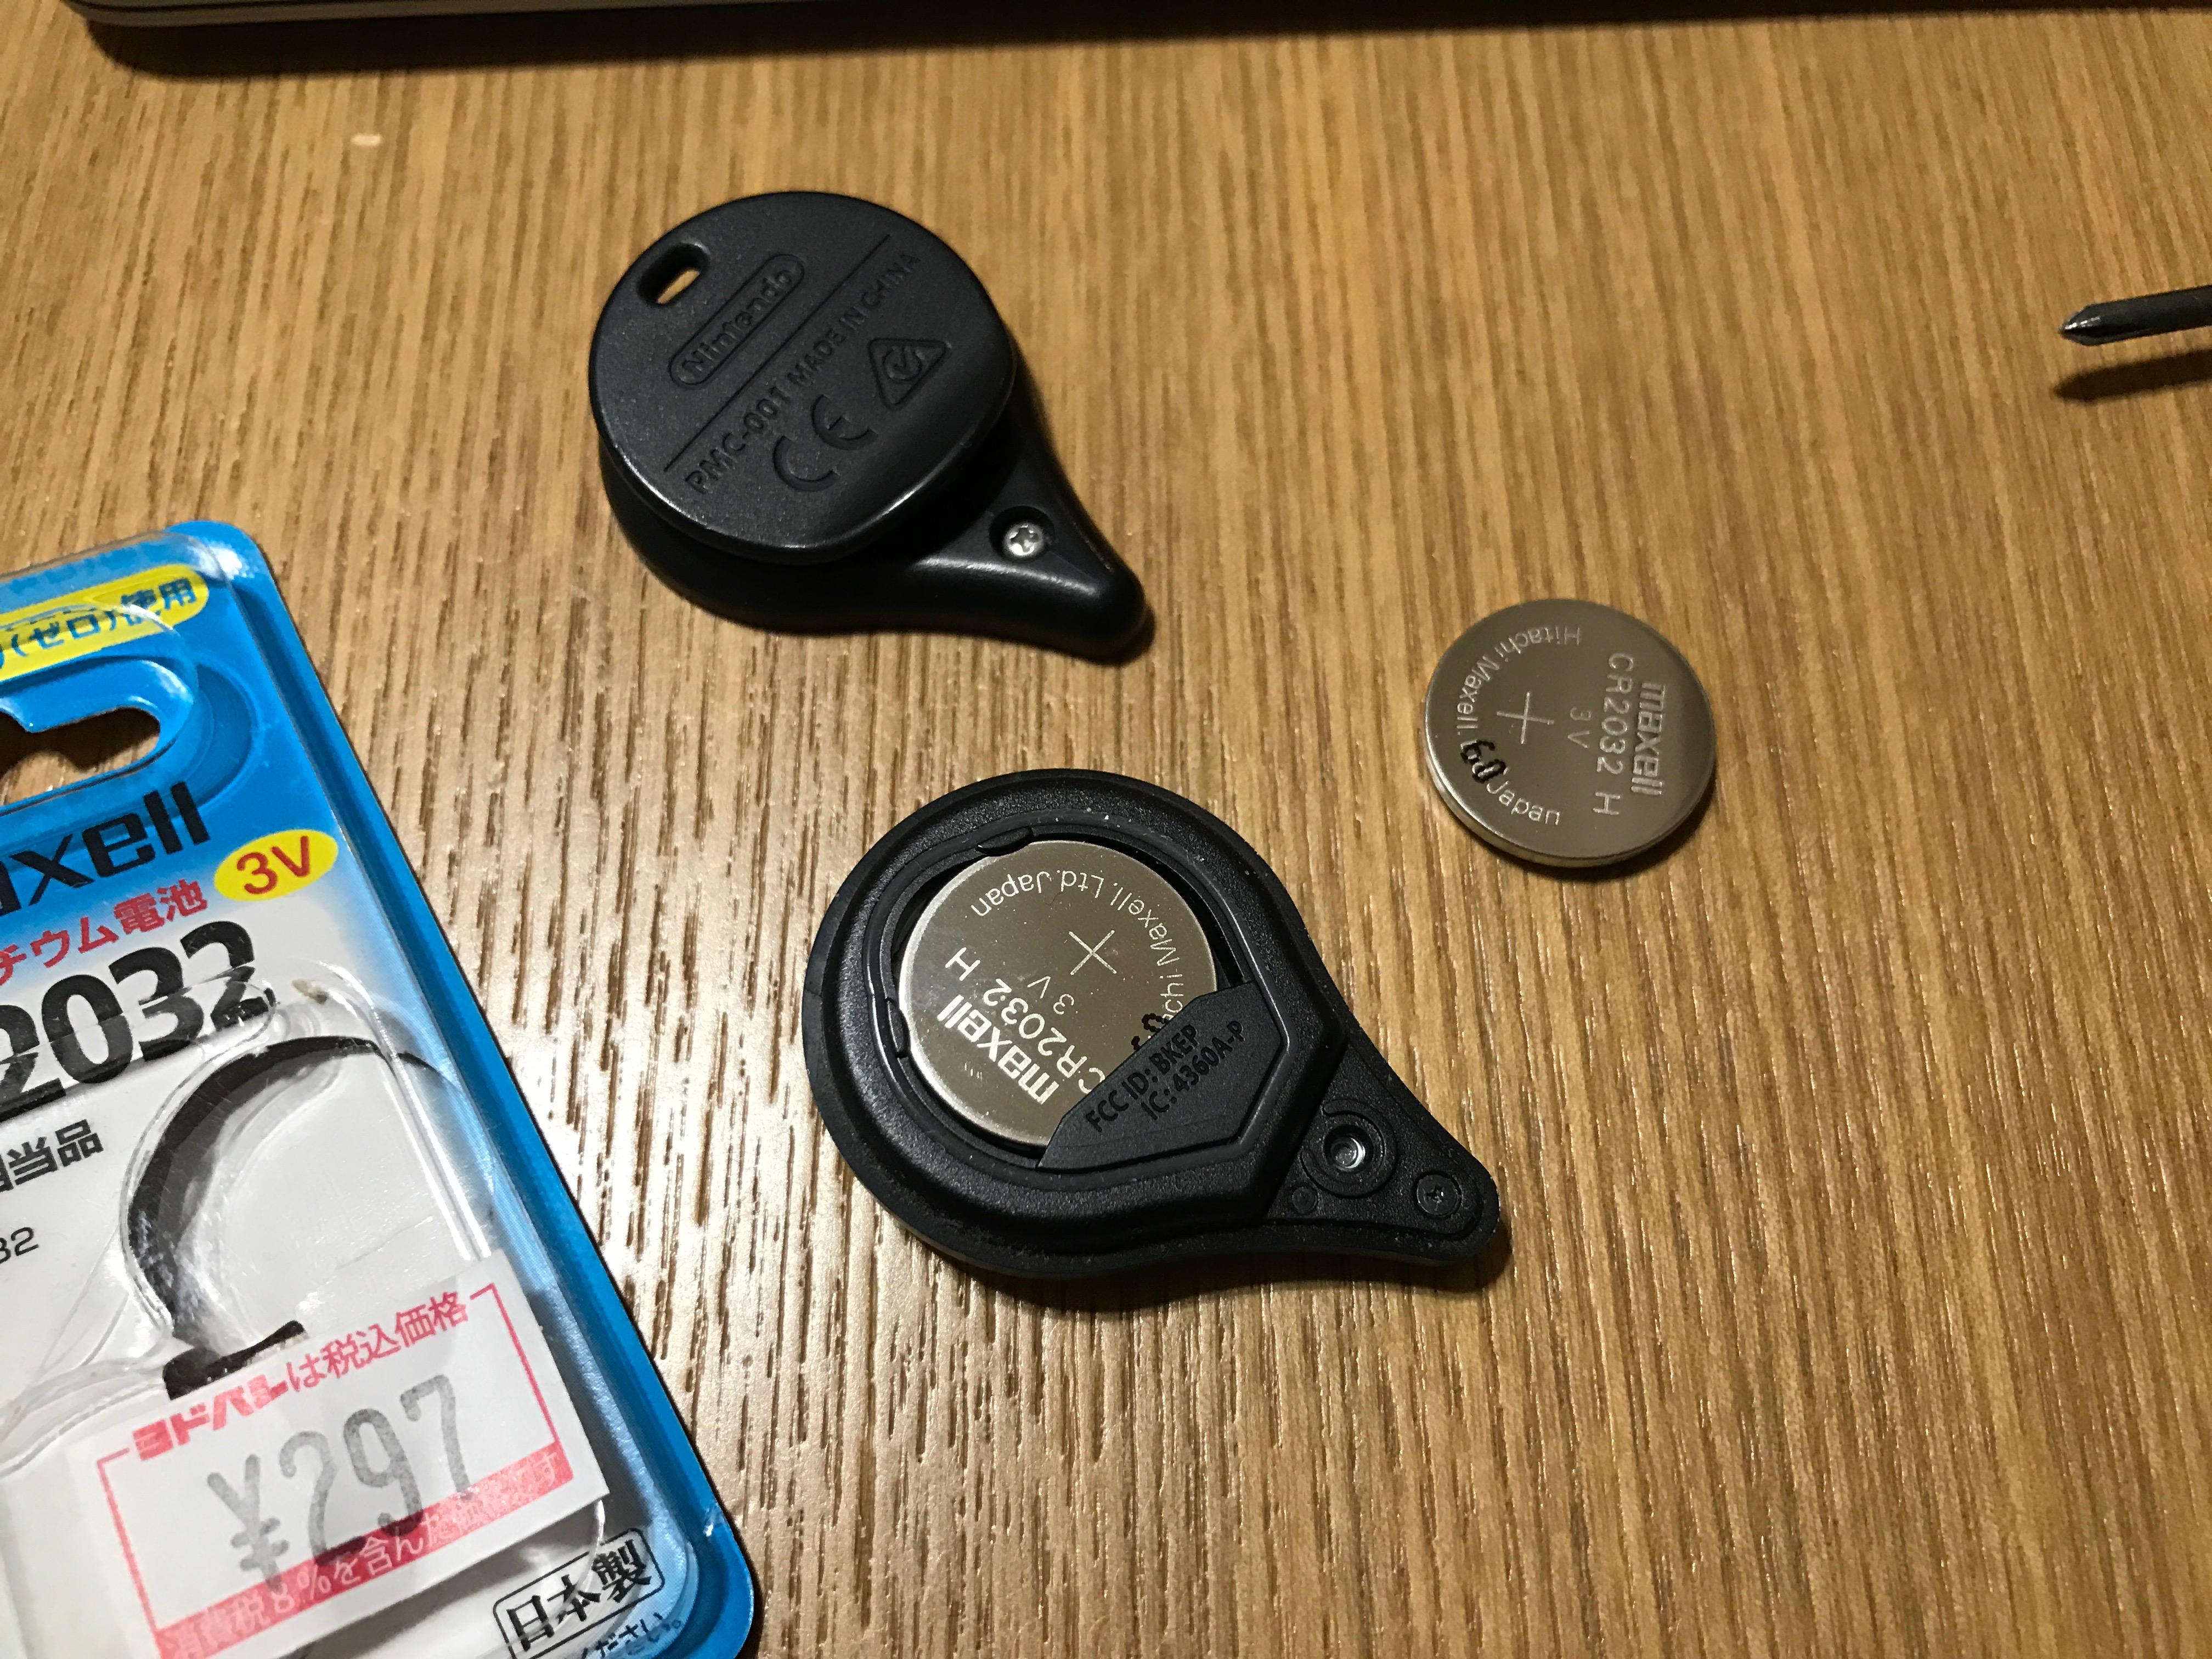 ポケモンGOプラス電池交換